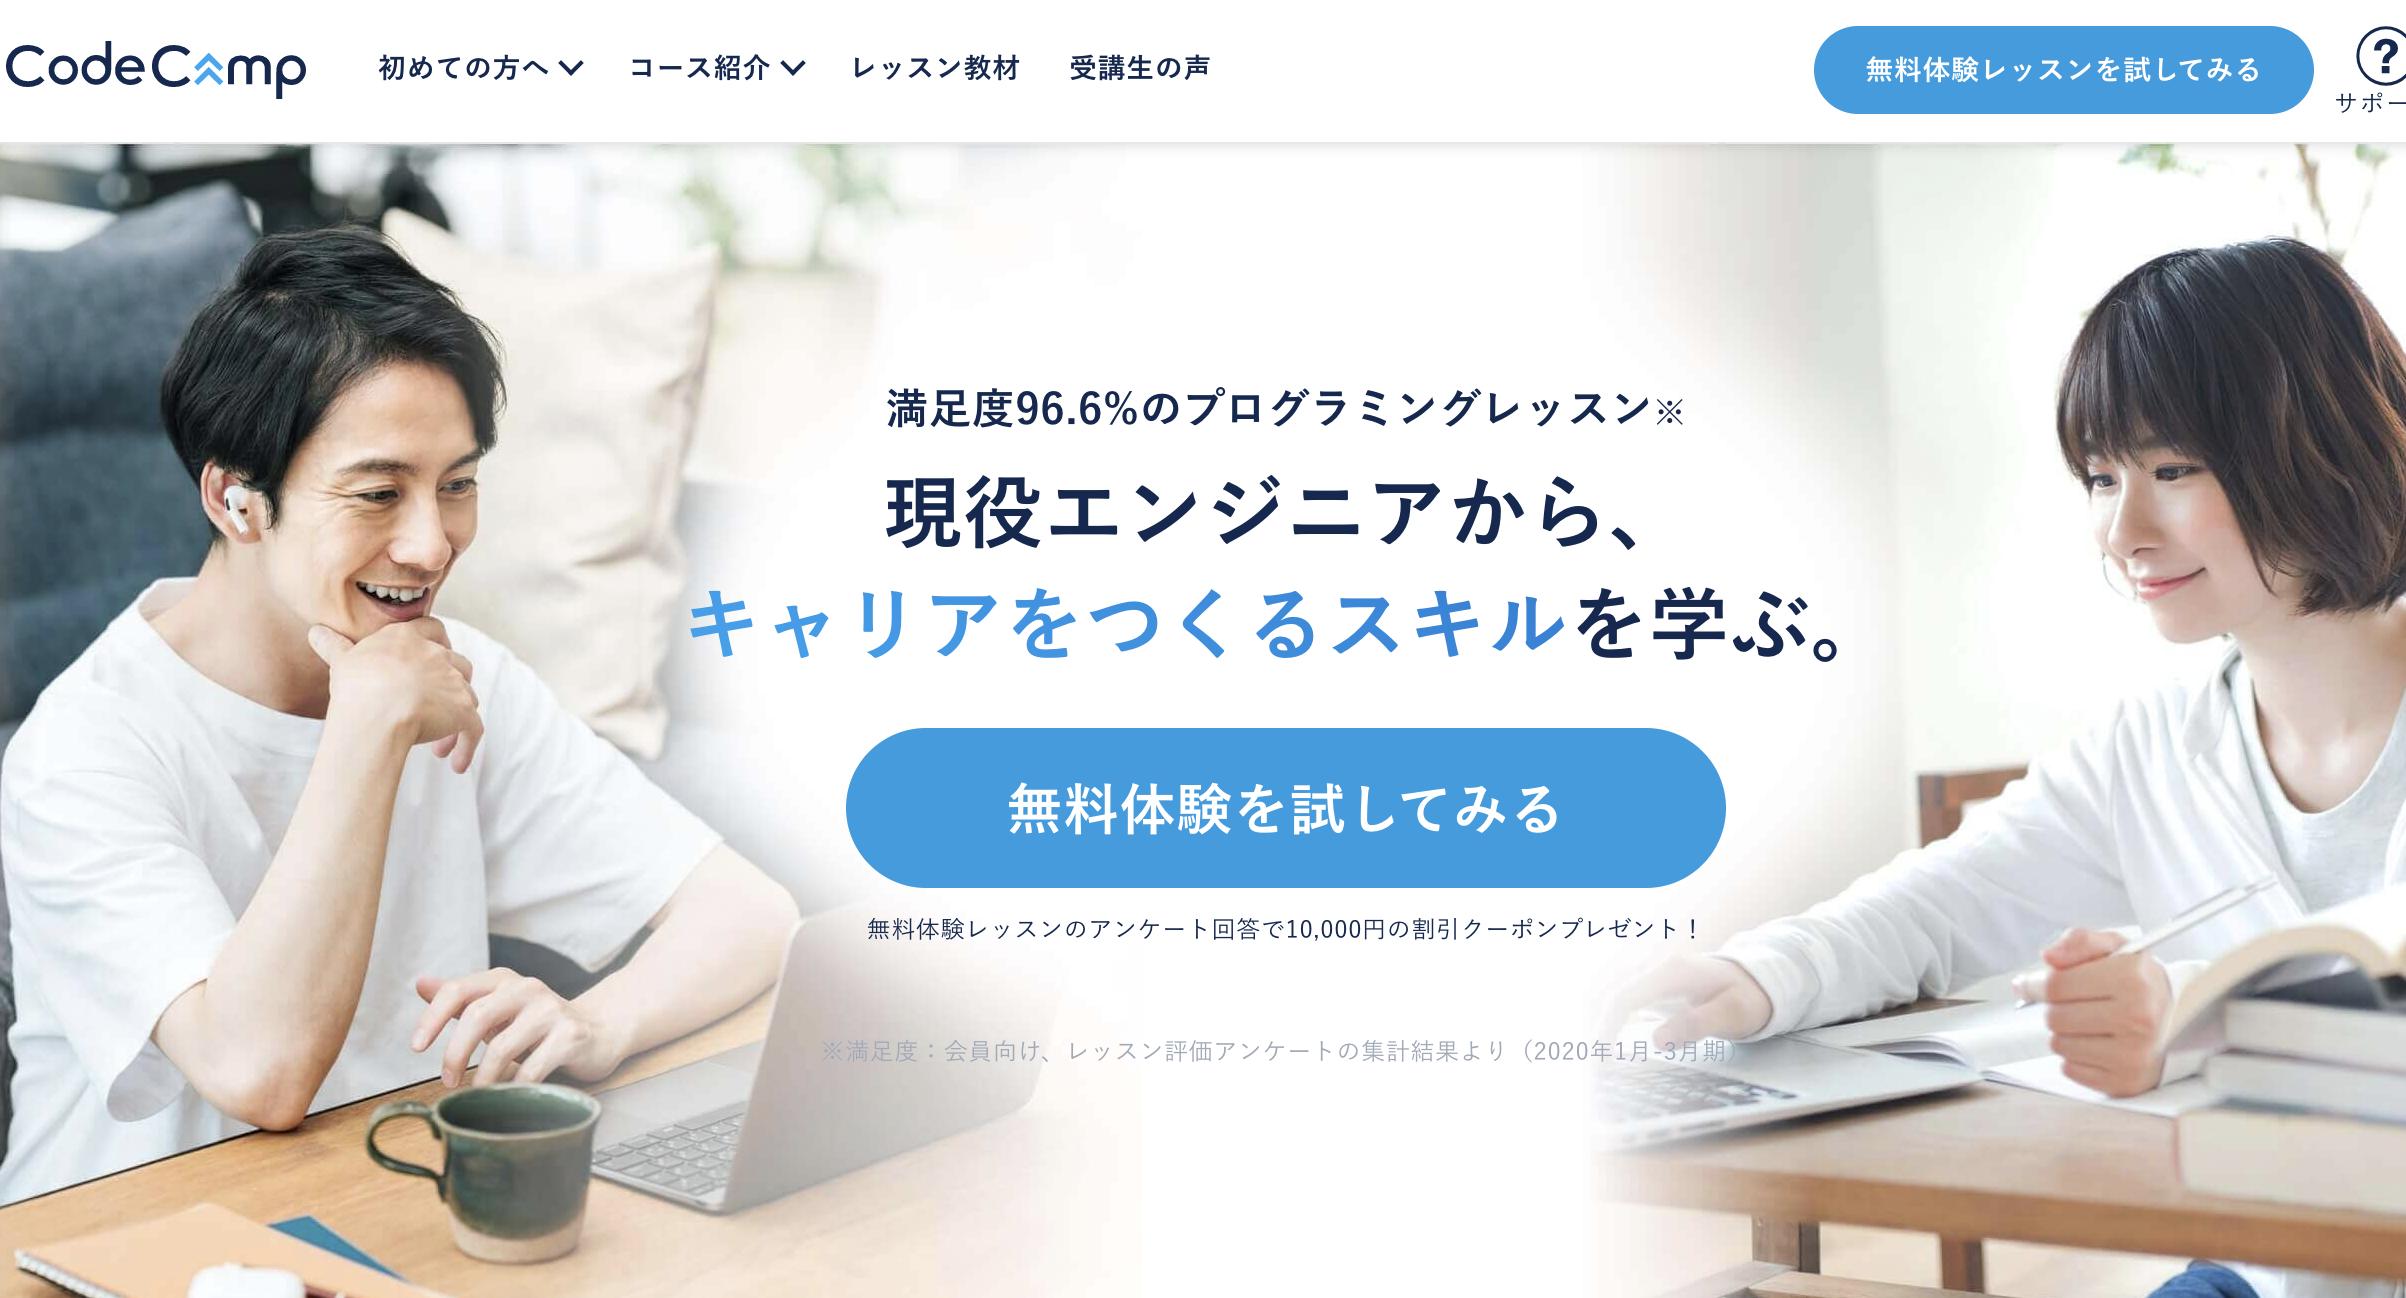 CodeCamp(コードキャンプ)公式2